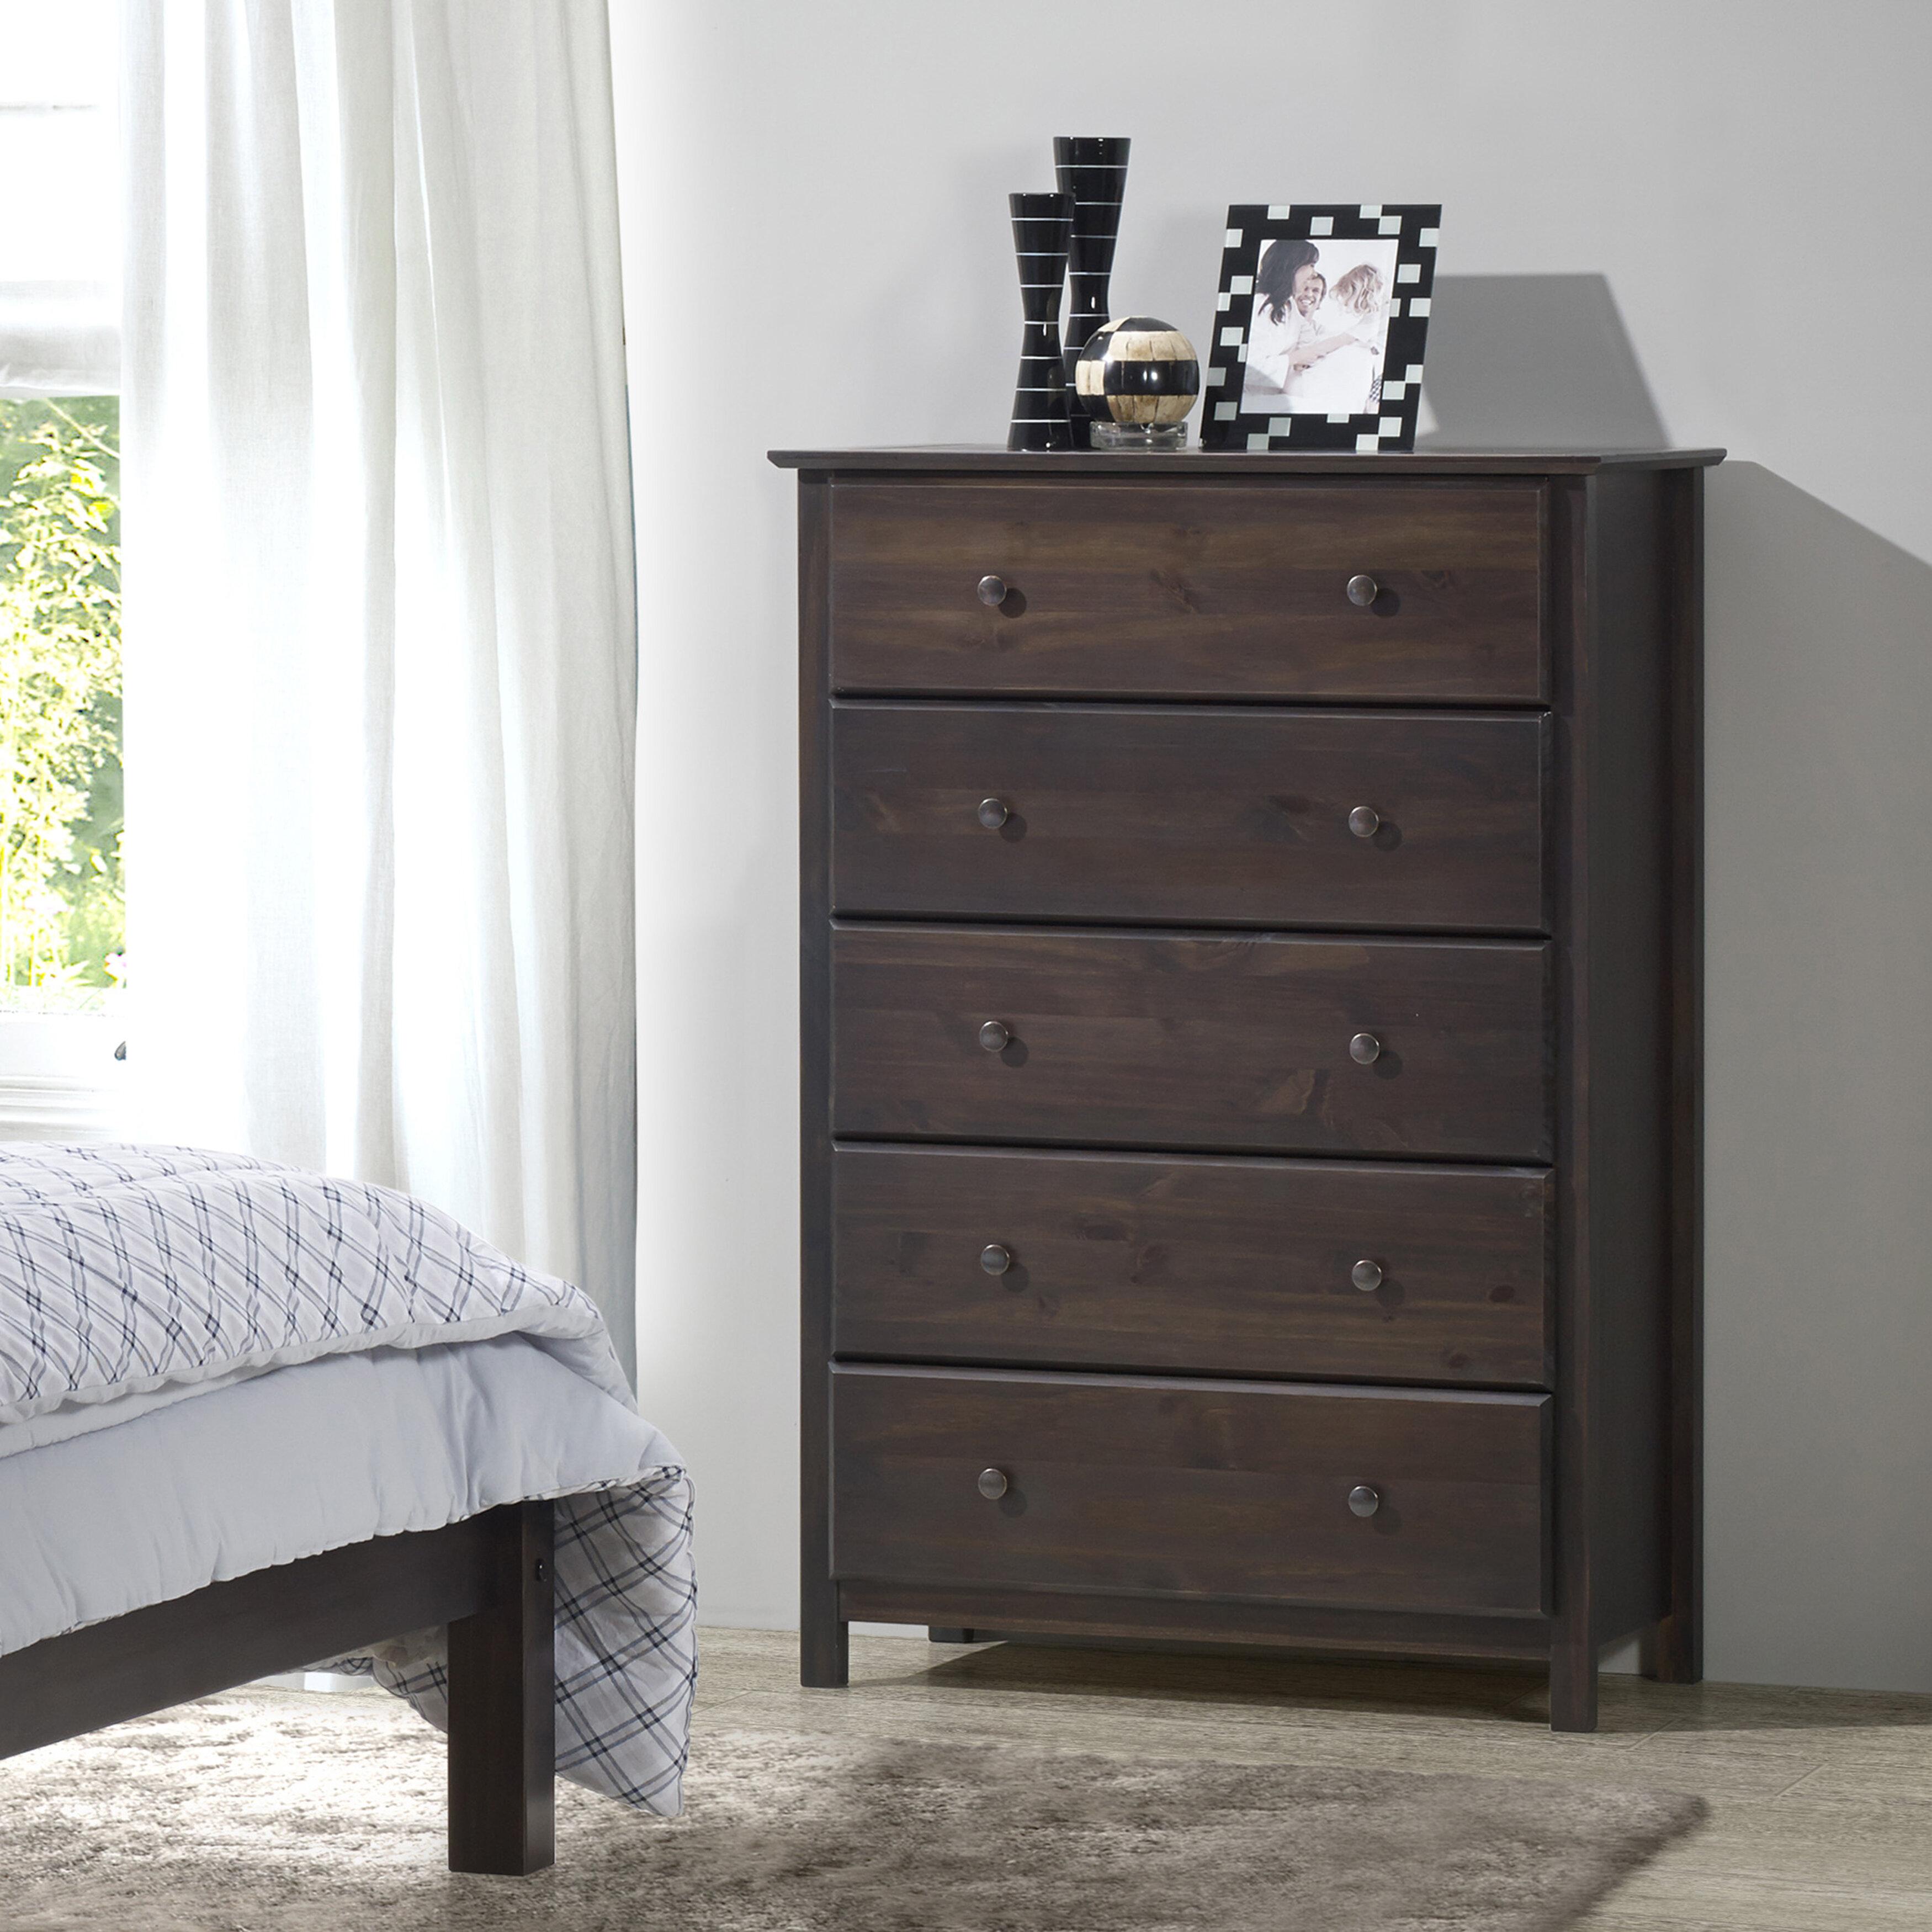 Shaker 7 Drawer Standard Dresser